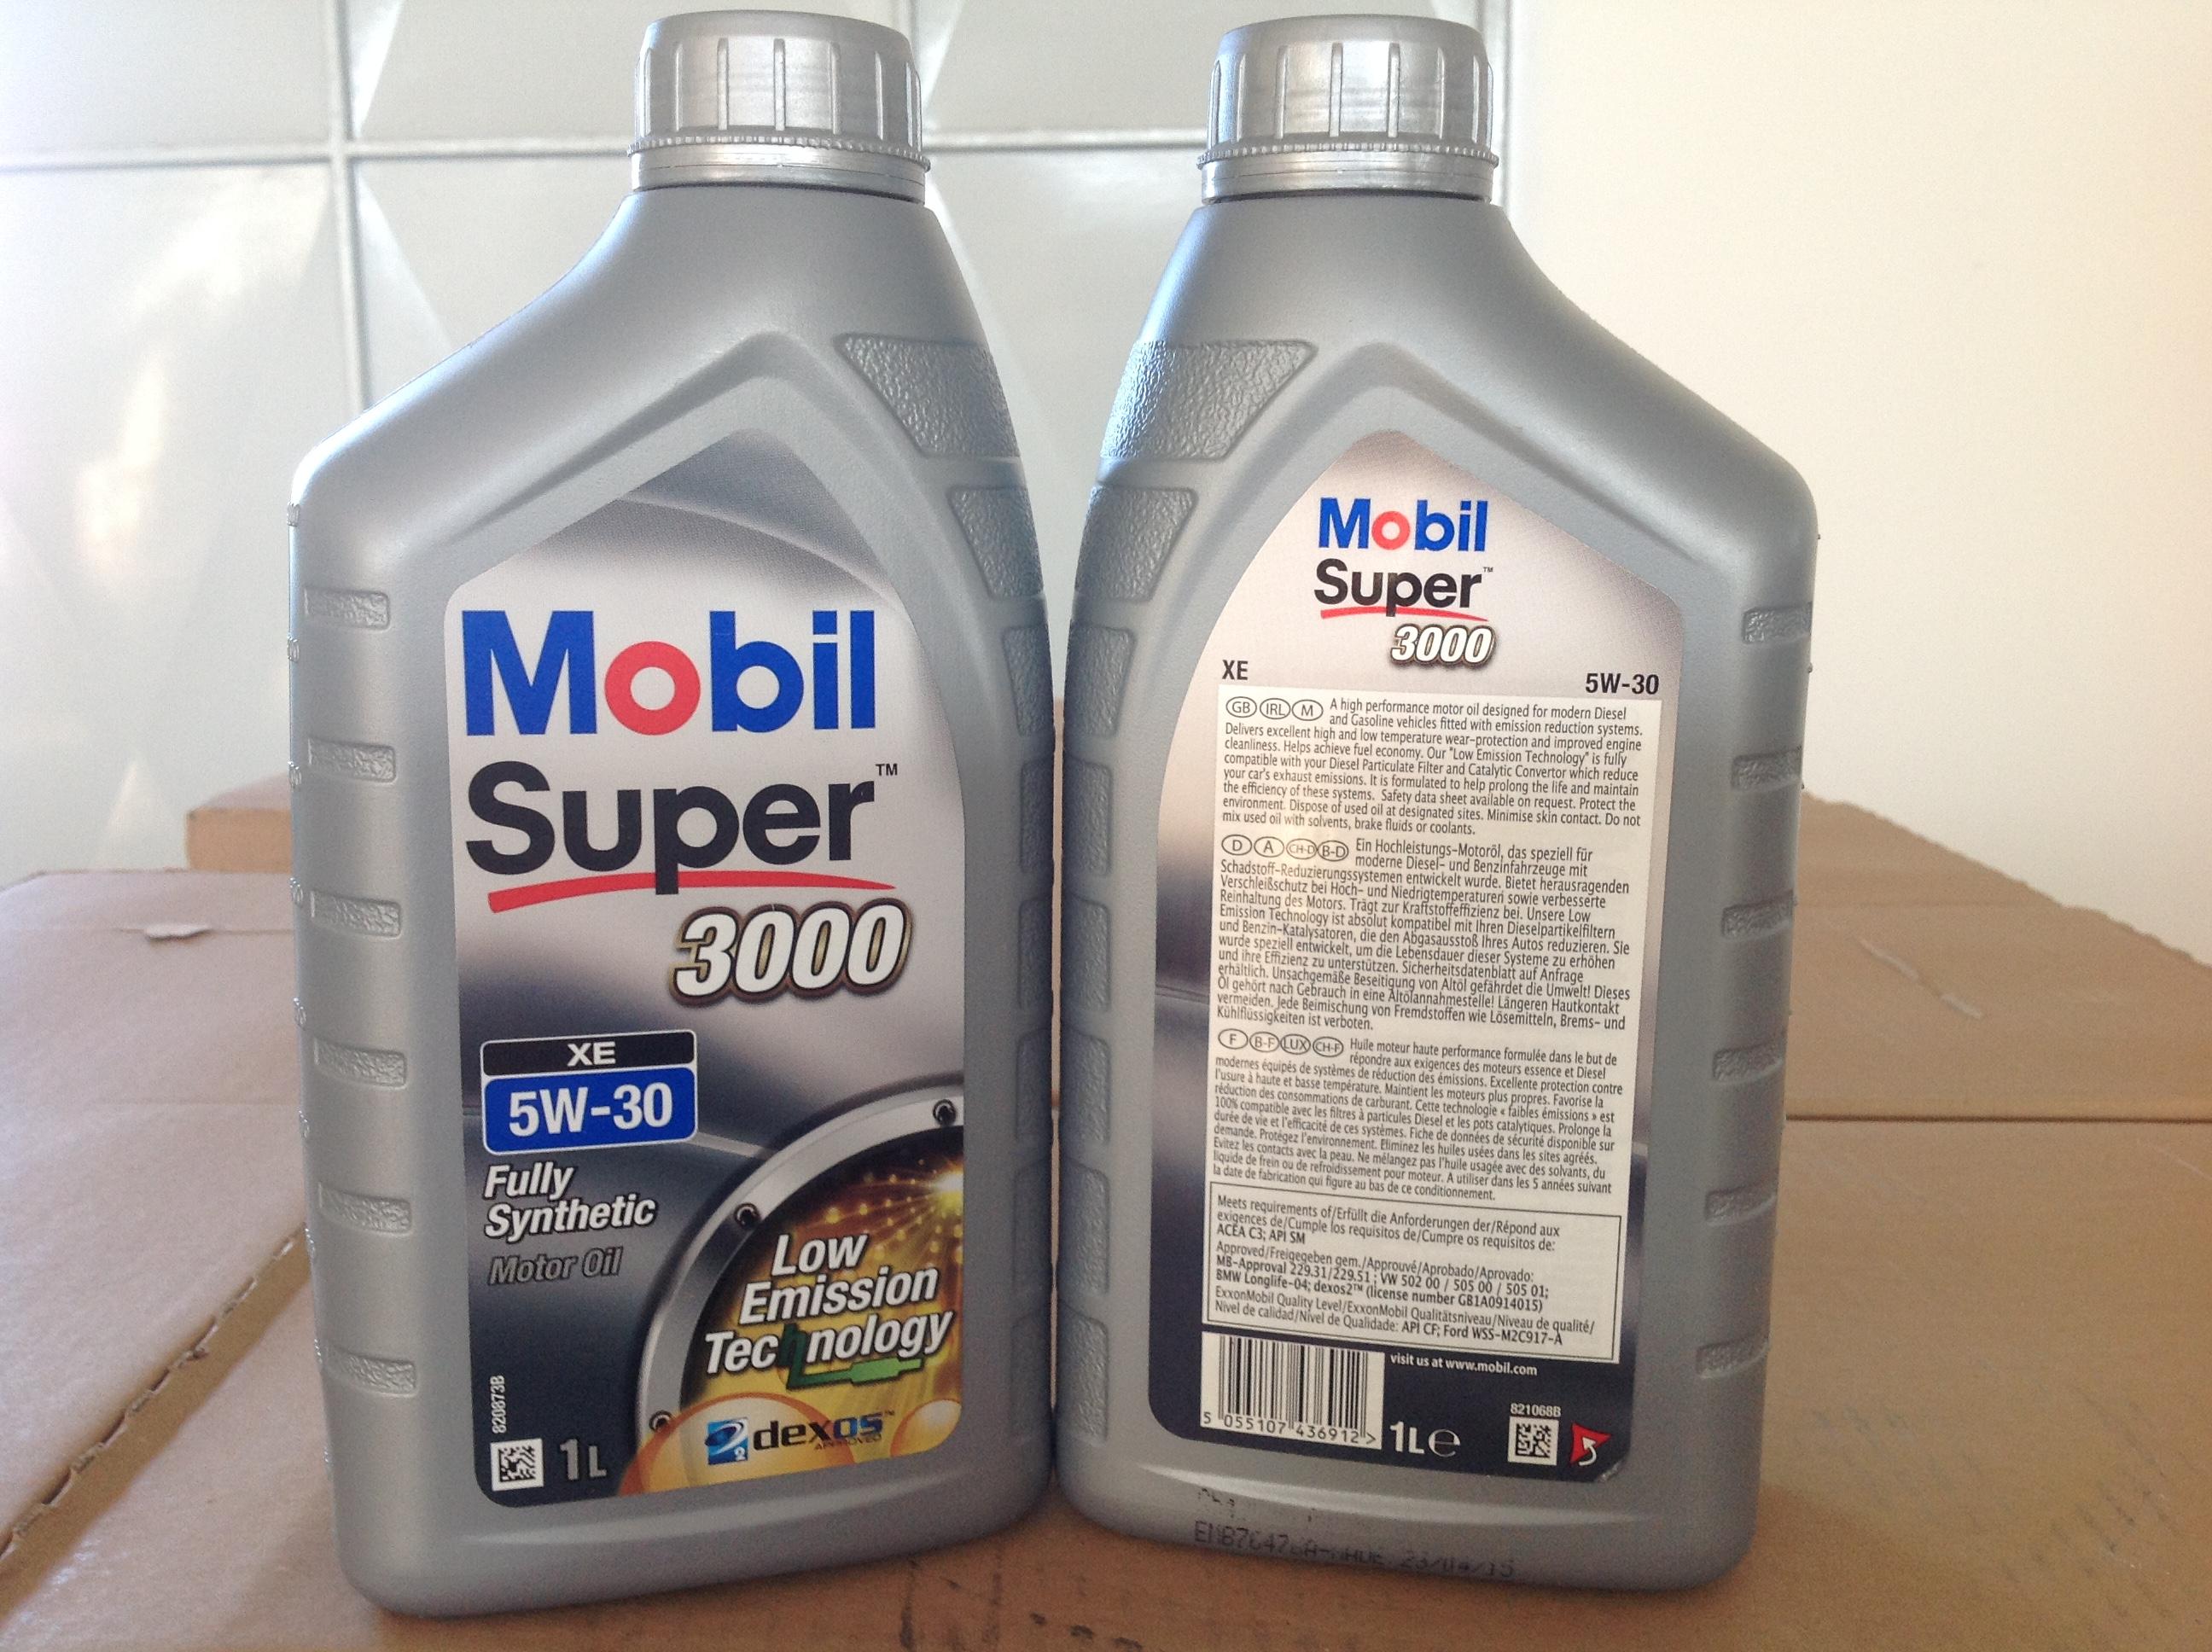 mobil super 3000 xe 5w30 un olio motore sintetico ad alte. Black Bedroom Furniture Sets. Home Design Ideas